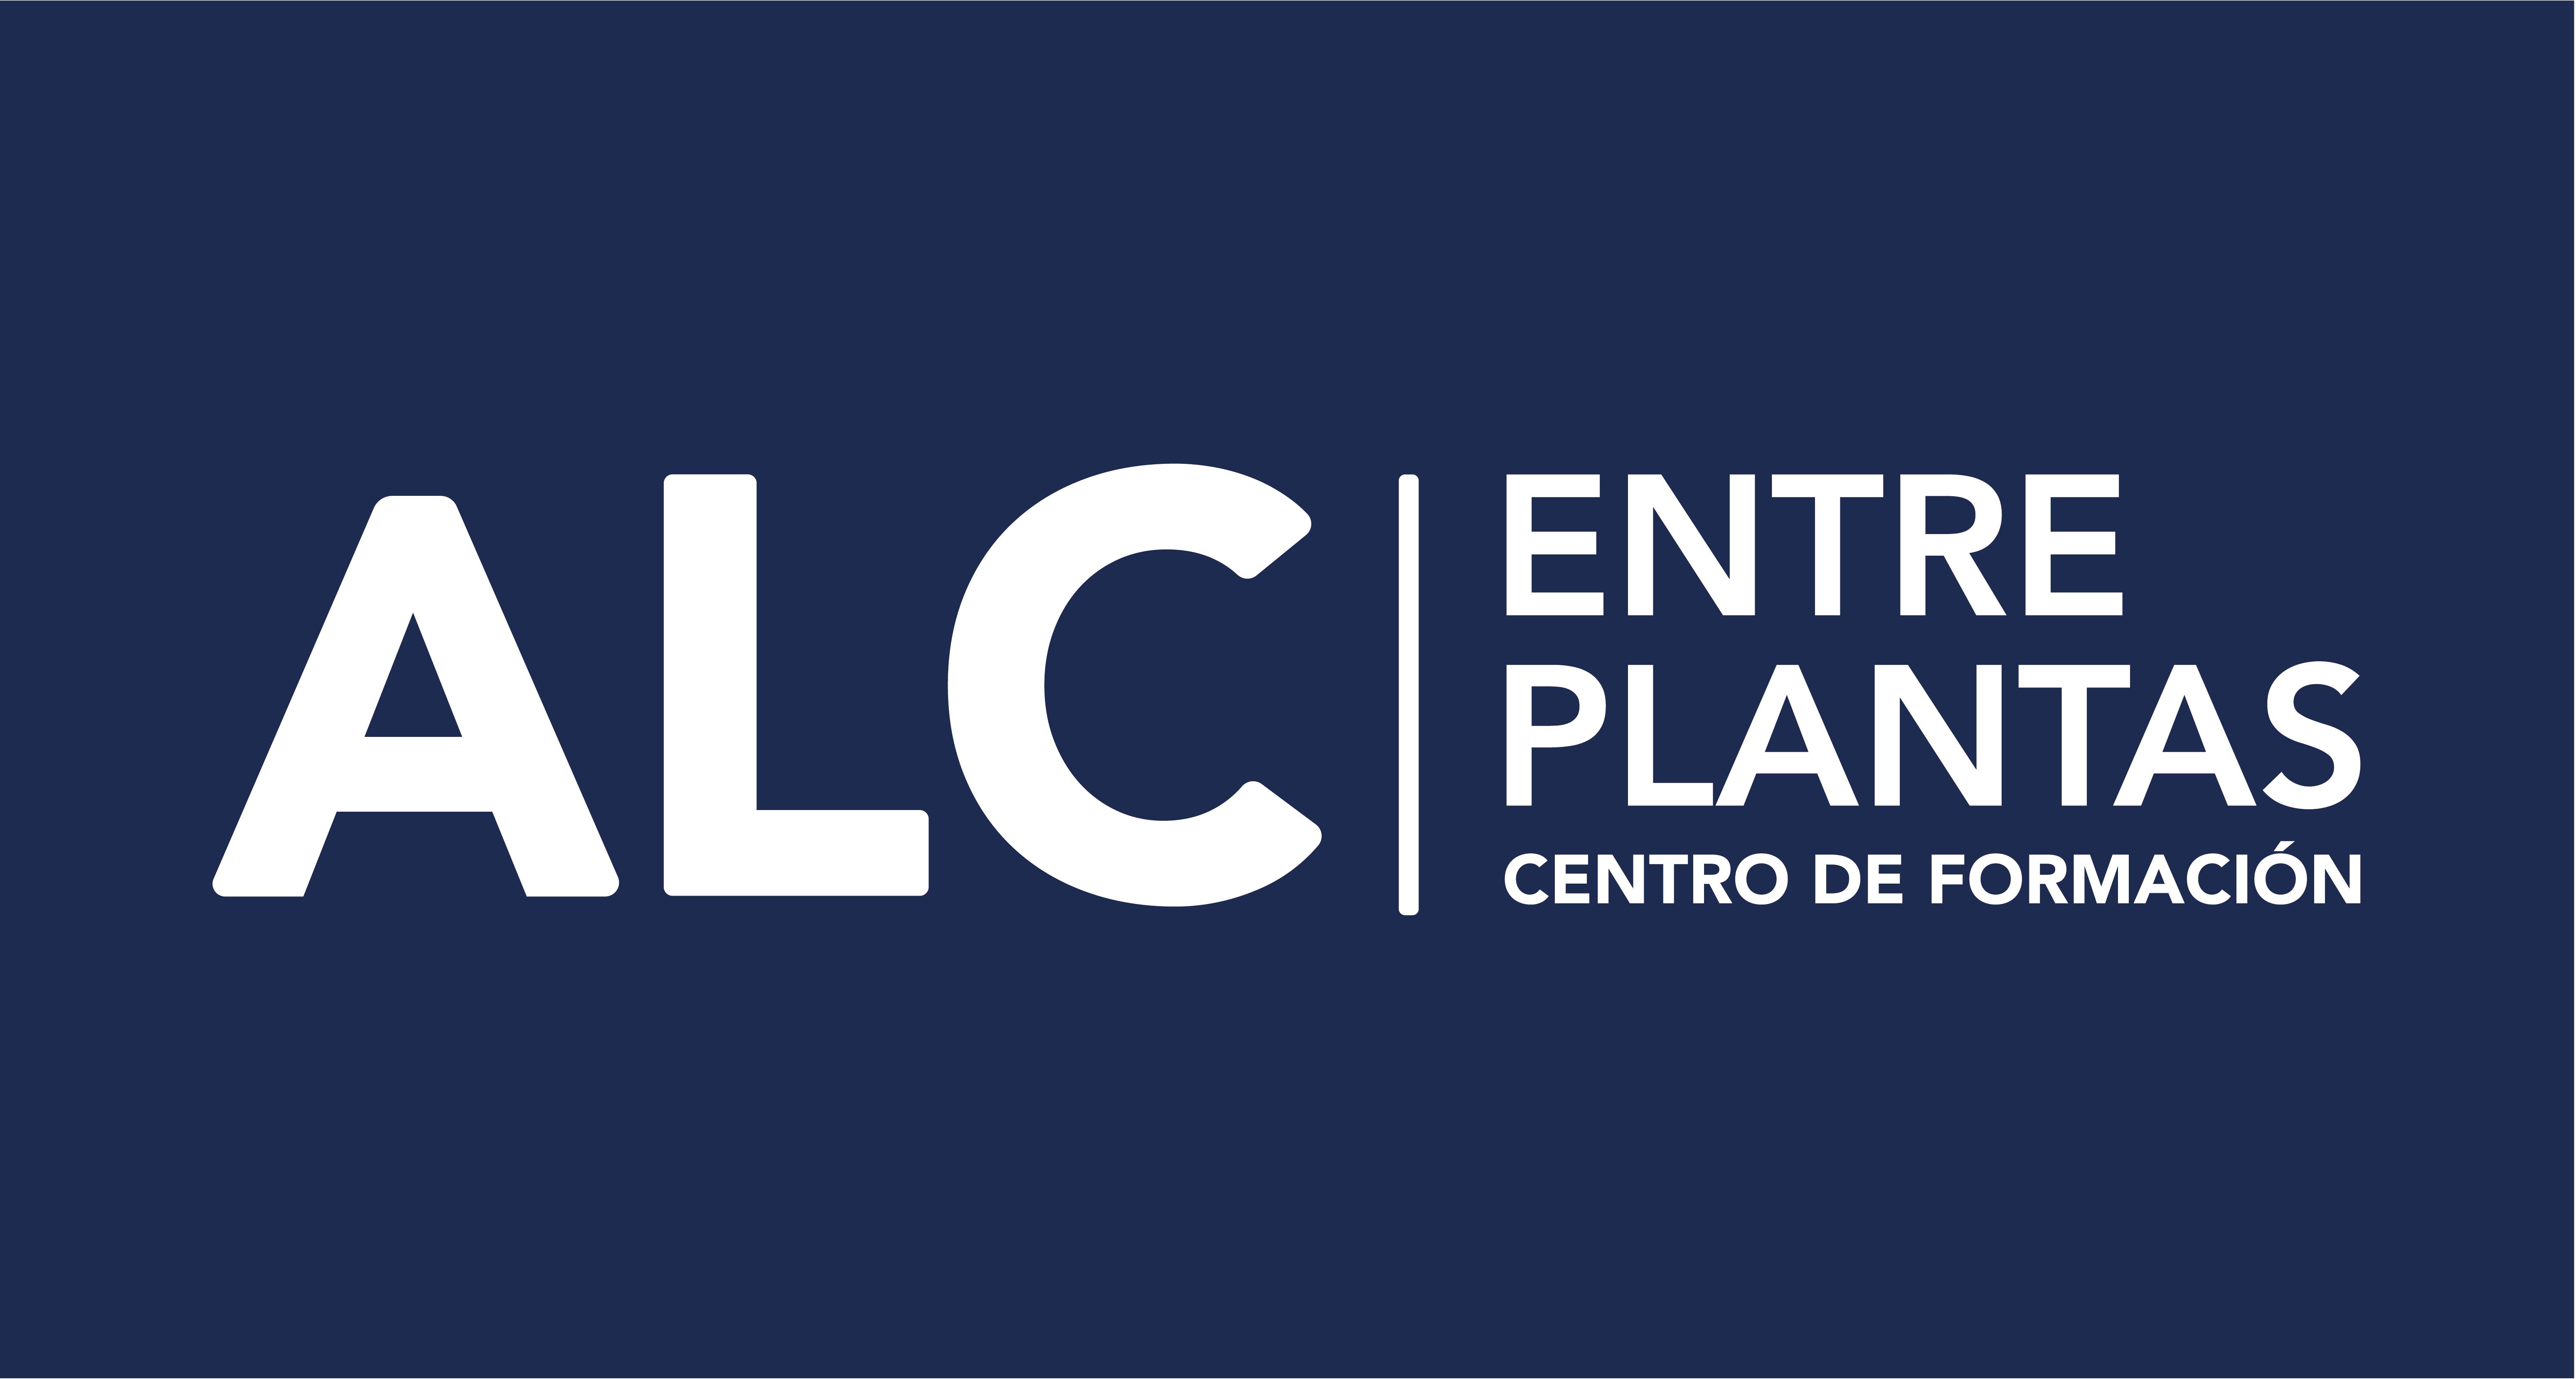 ALC ENTRE PLANTAS